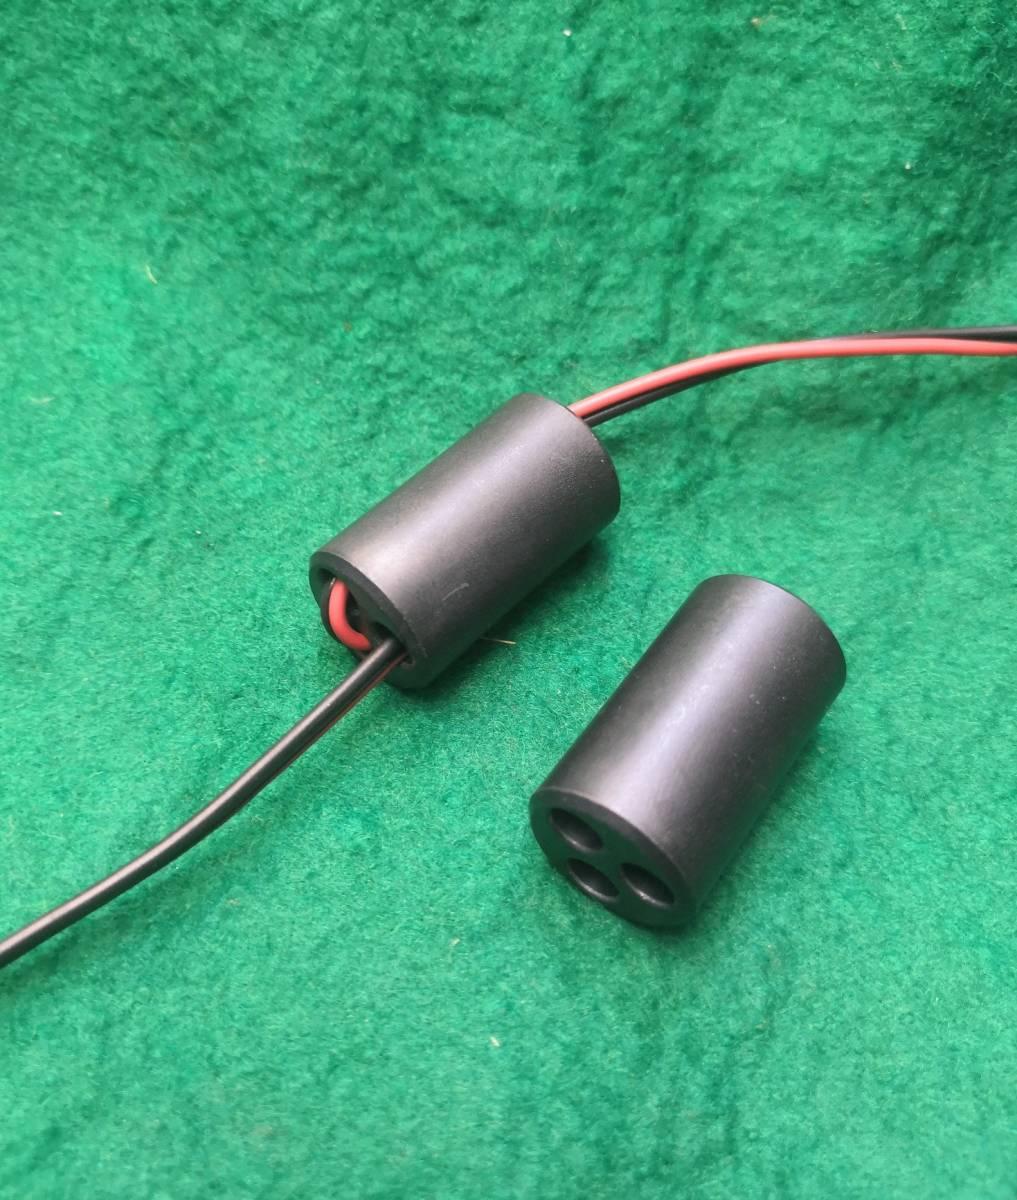 2個1組3つ穴フェライトコアノイズ防止に長さ28mm直径16mmのフェライトコアに5mmの穴が3個送料全国一律普通郵便120円_画像4